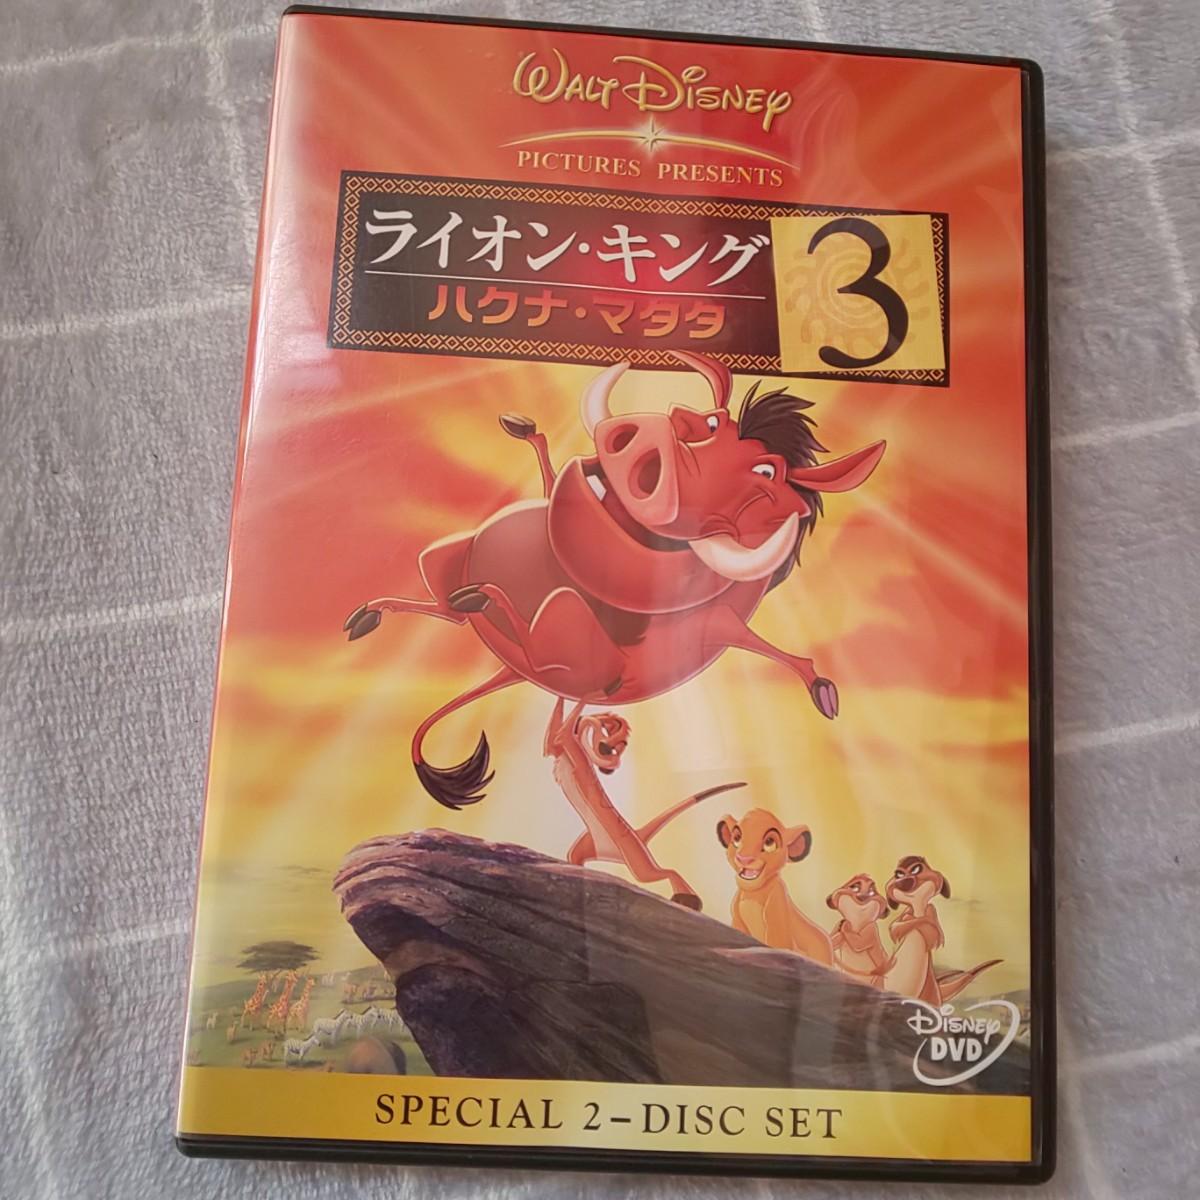 ディズニー DVD ライオン・キング ライオンキング3 ハクナマタタ